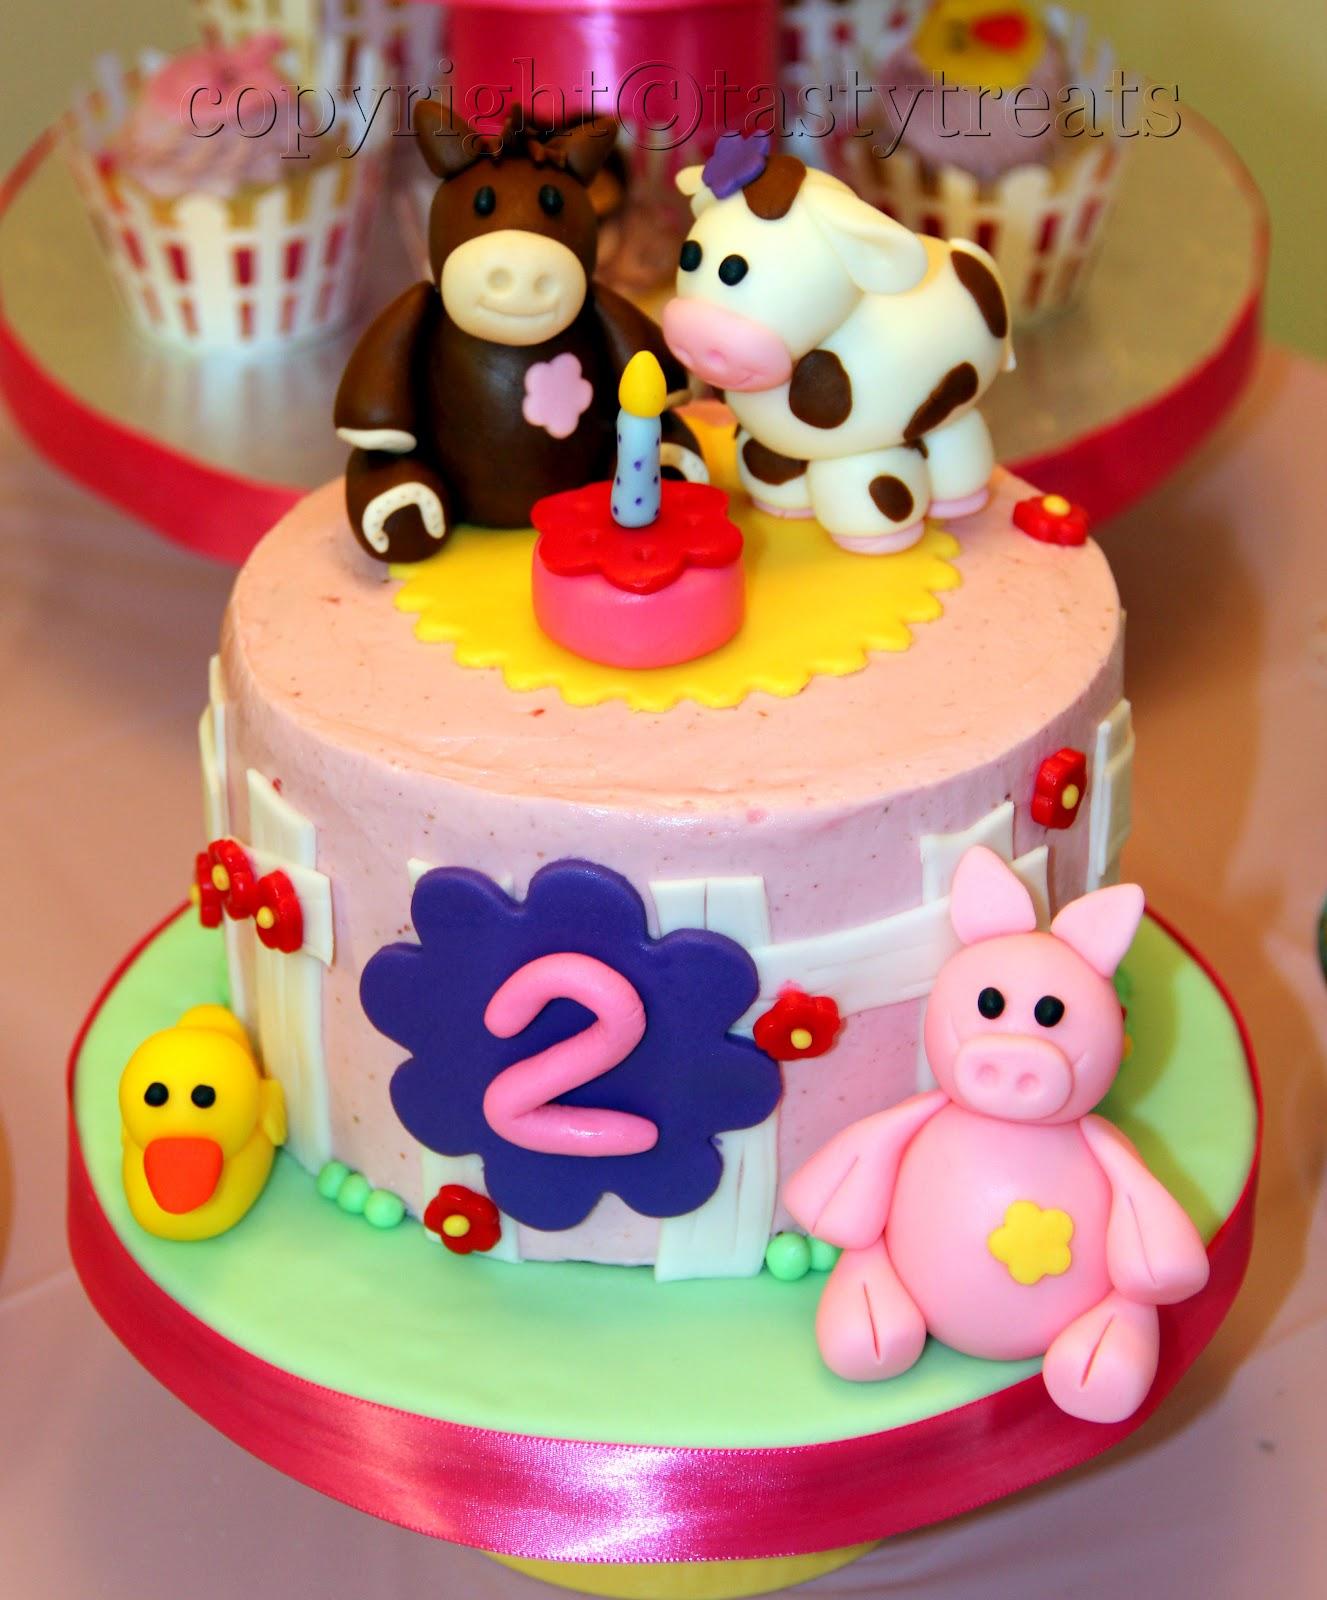 Tasty Treats: The Birthday Cakes